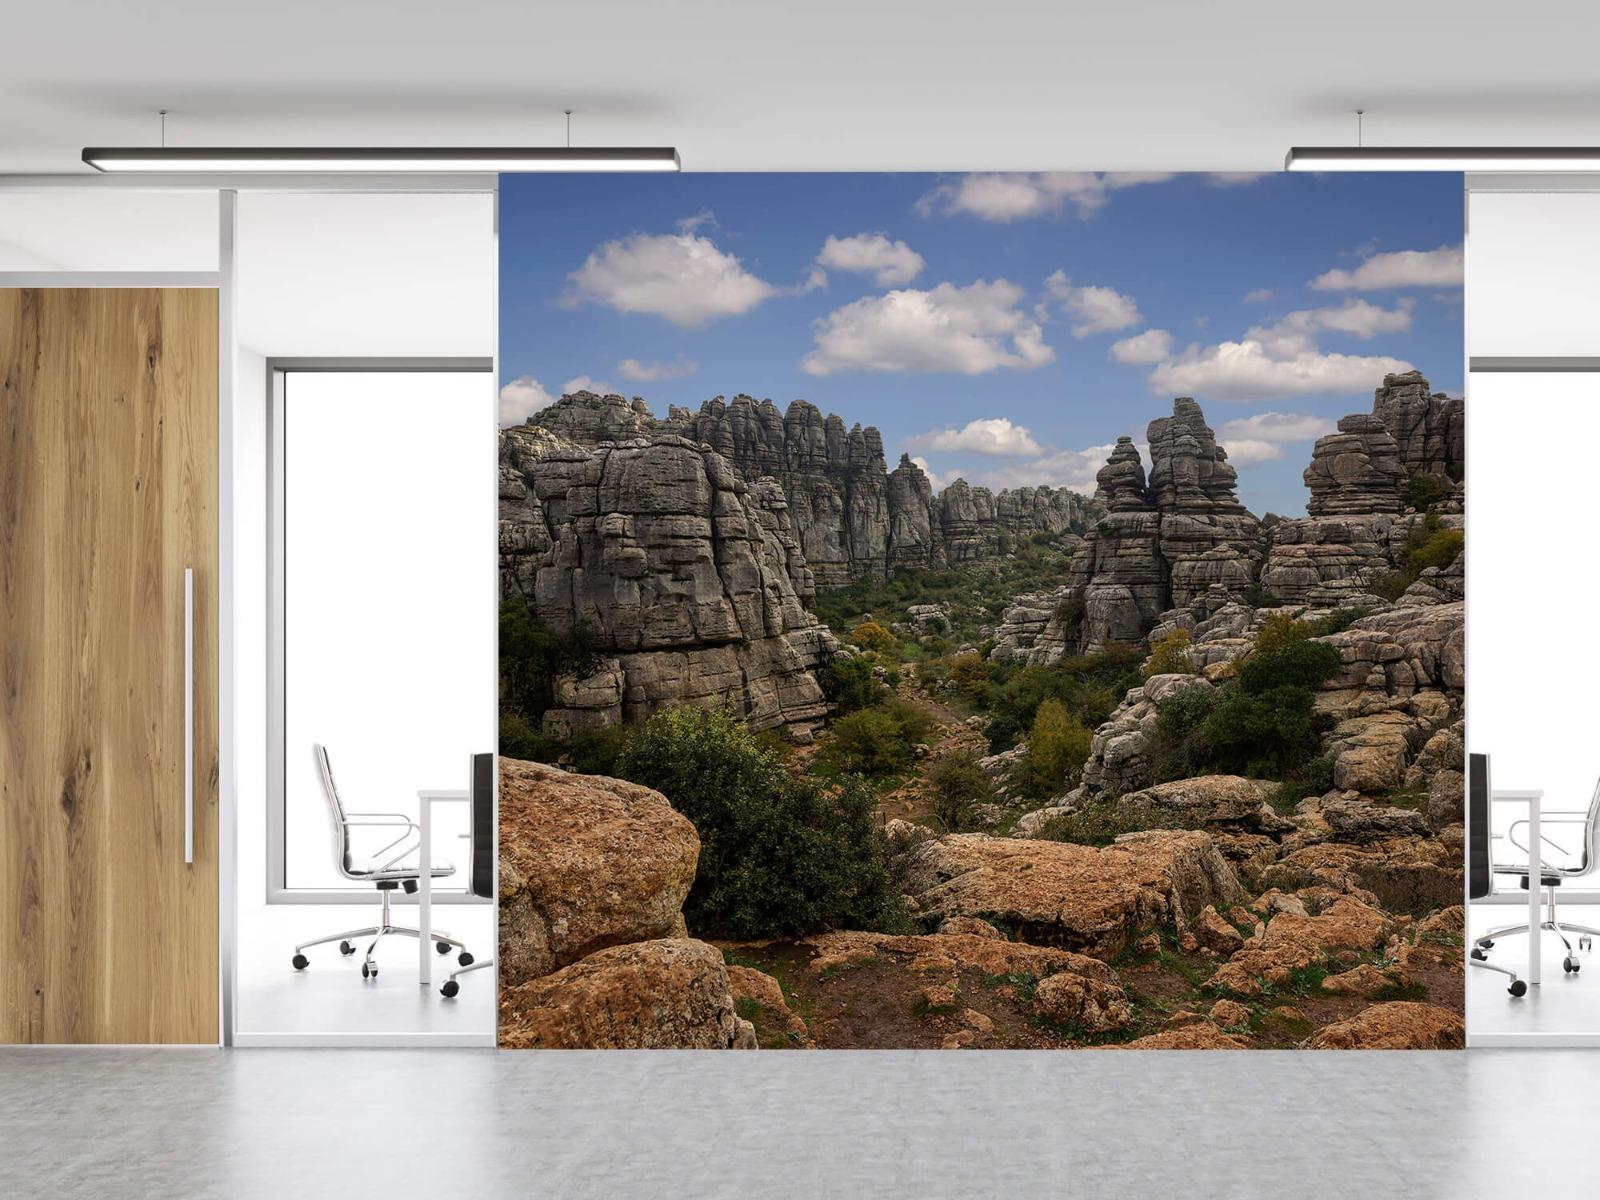 Bergen - Rotsen met blauwe lucht - Slaapkamer 12